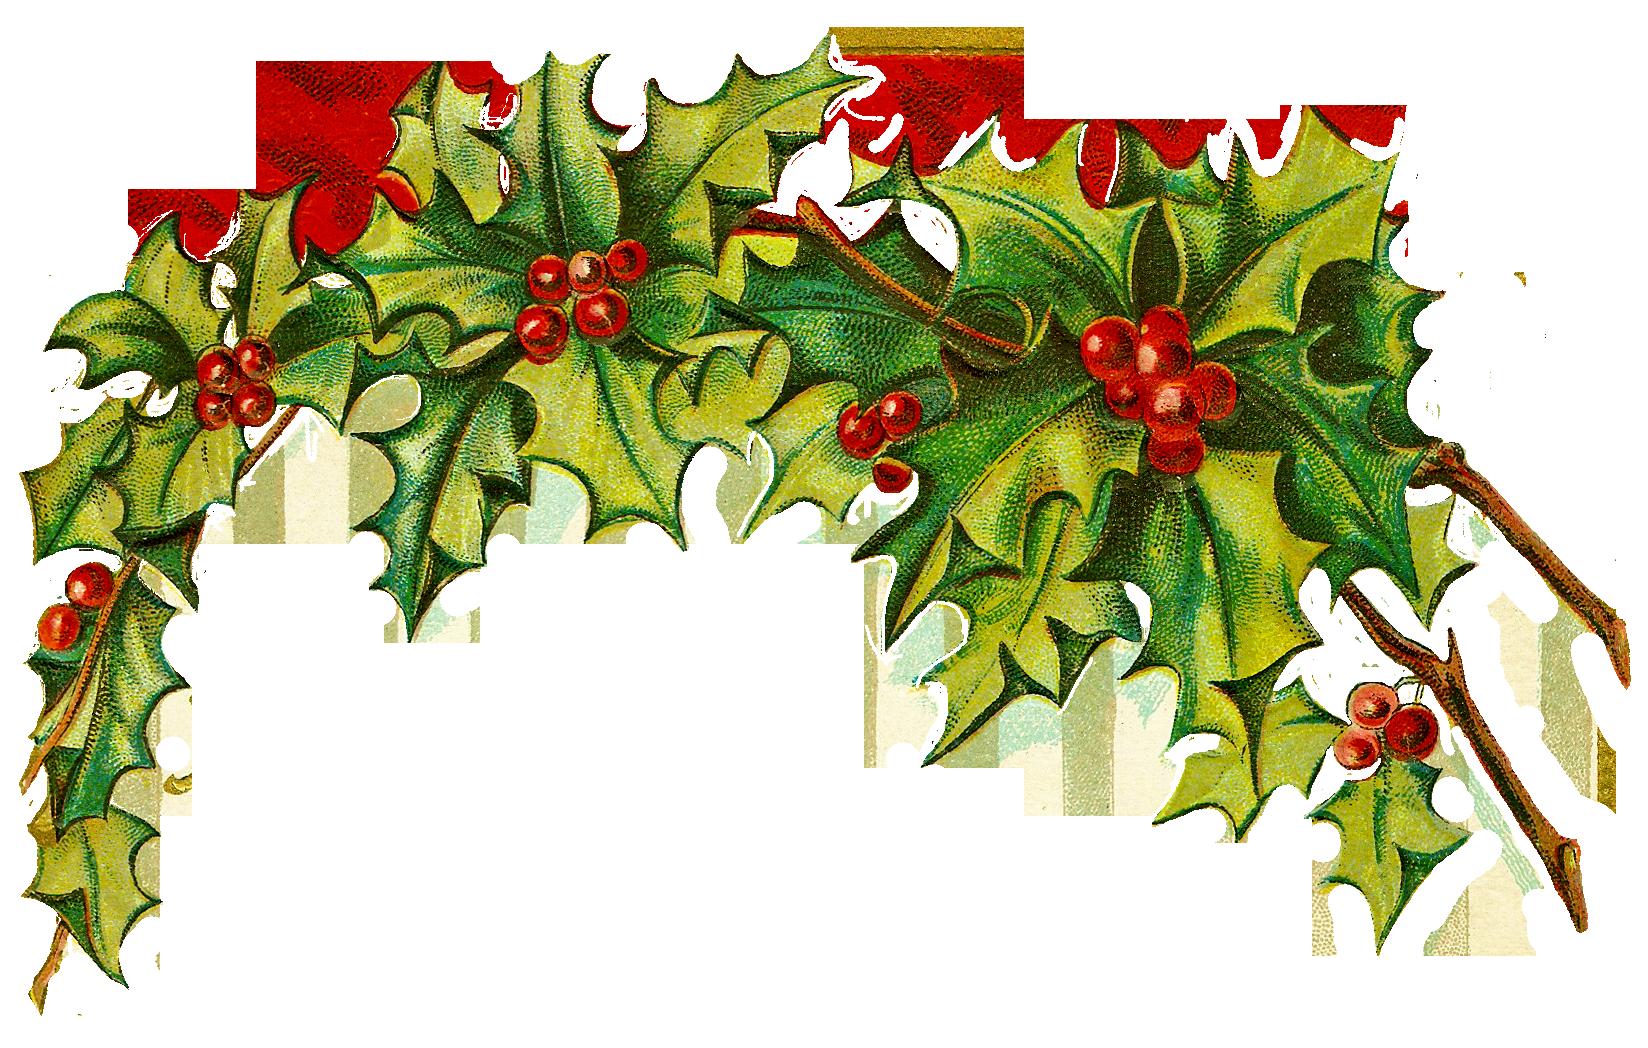 Merry christmas banner gif free image